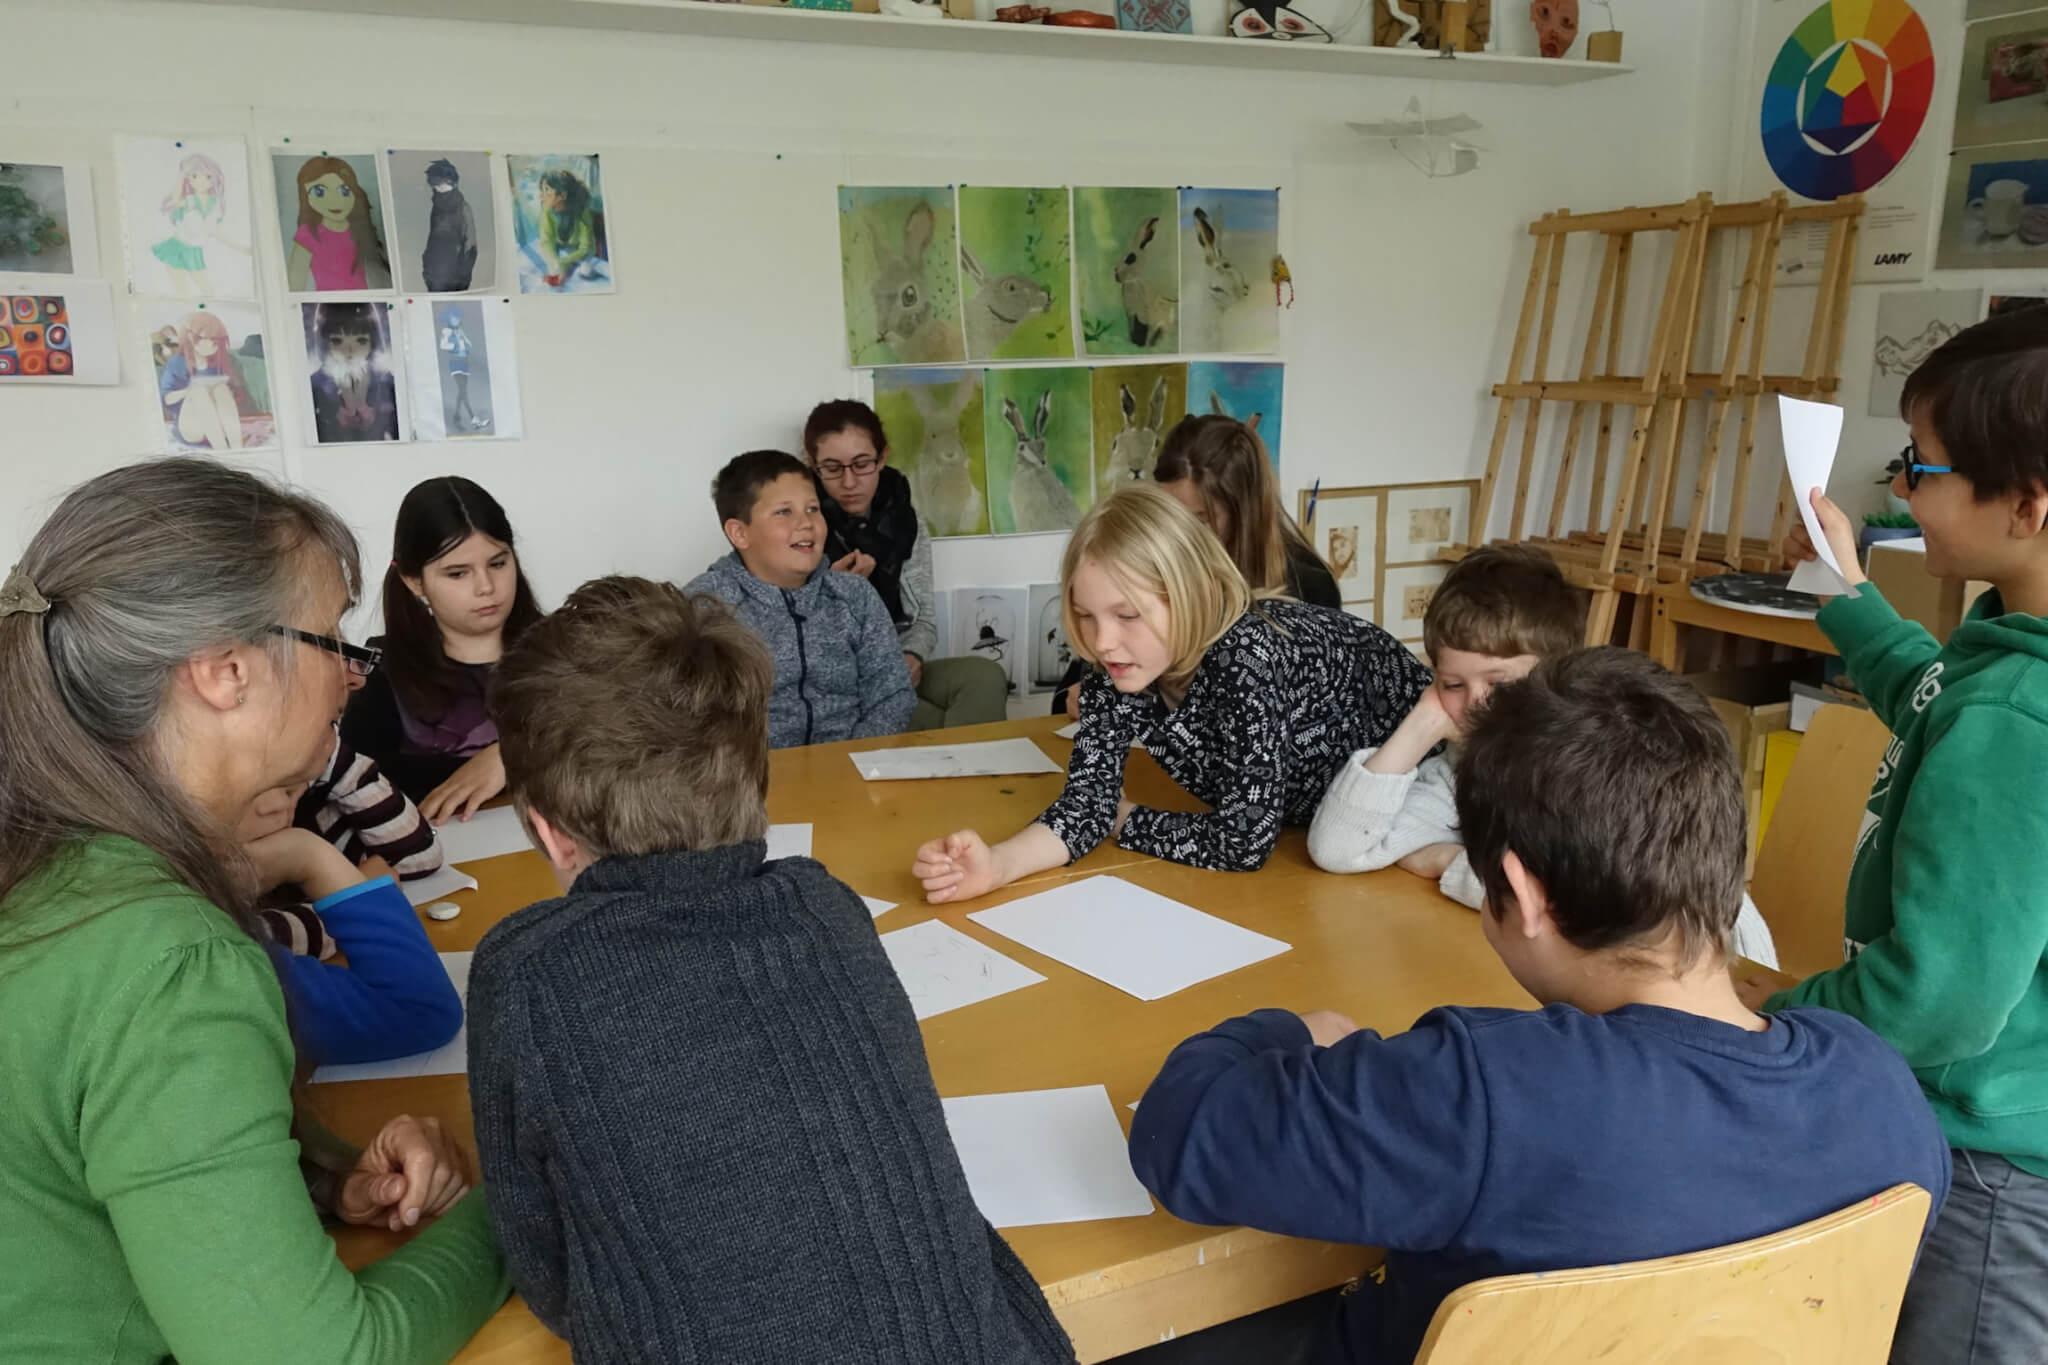 Gruppenarbeit: Auch die Geschichte muss gefunden werden. Foto: Sonja Wessel.